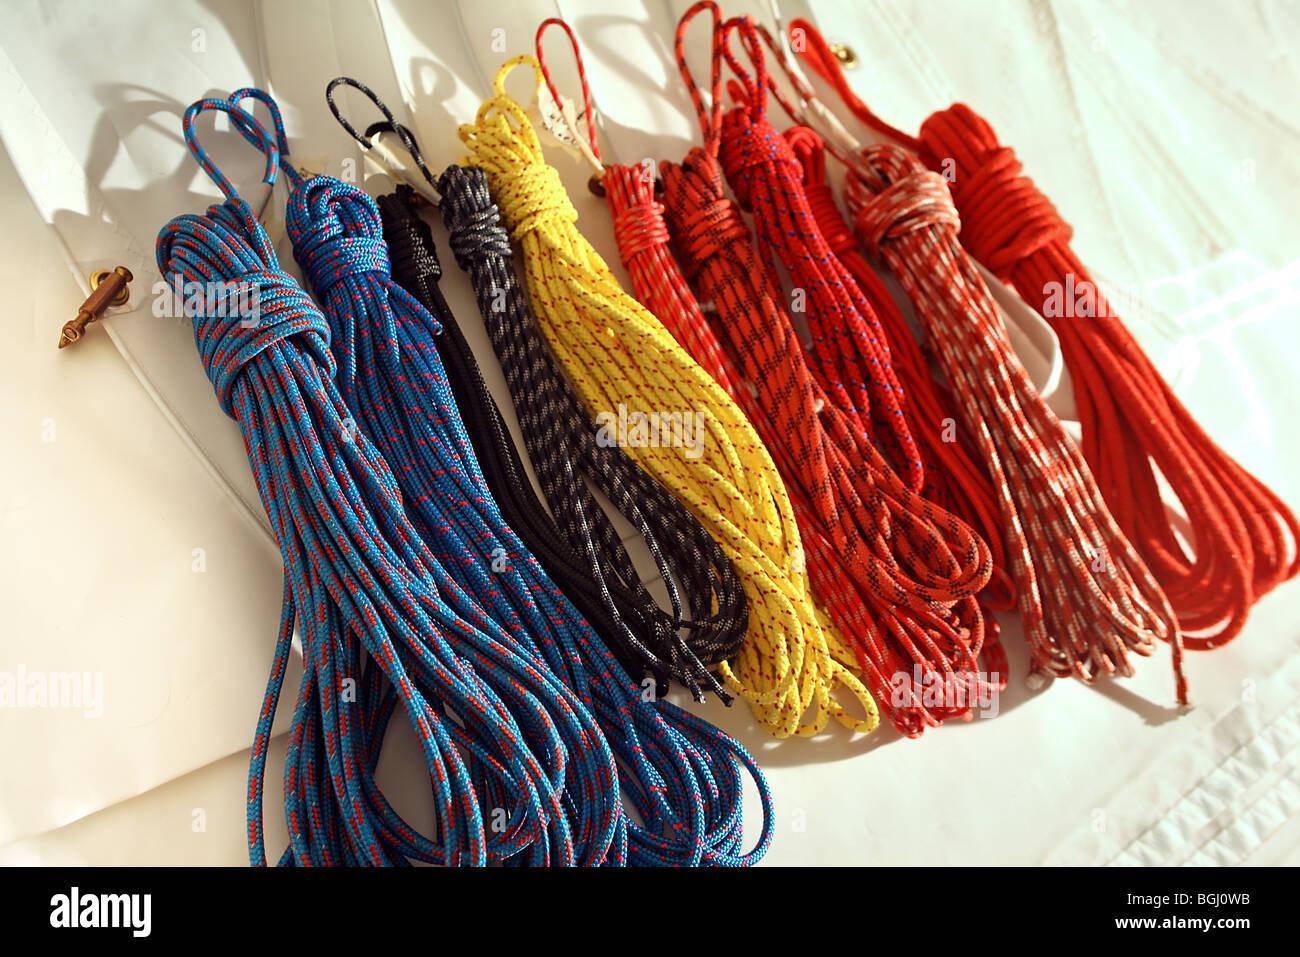 Enrollado, cuerdas, drizas, fresado y sentar las líneas de hoja plegada en la superficie de la vela. Imagen De Stock